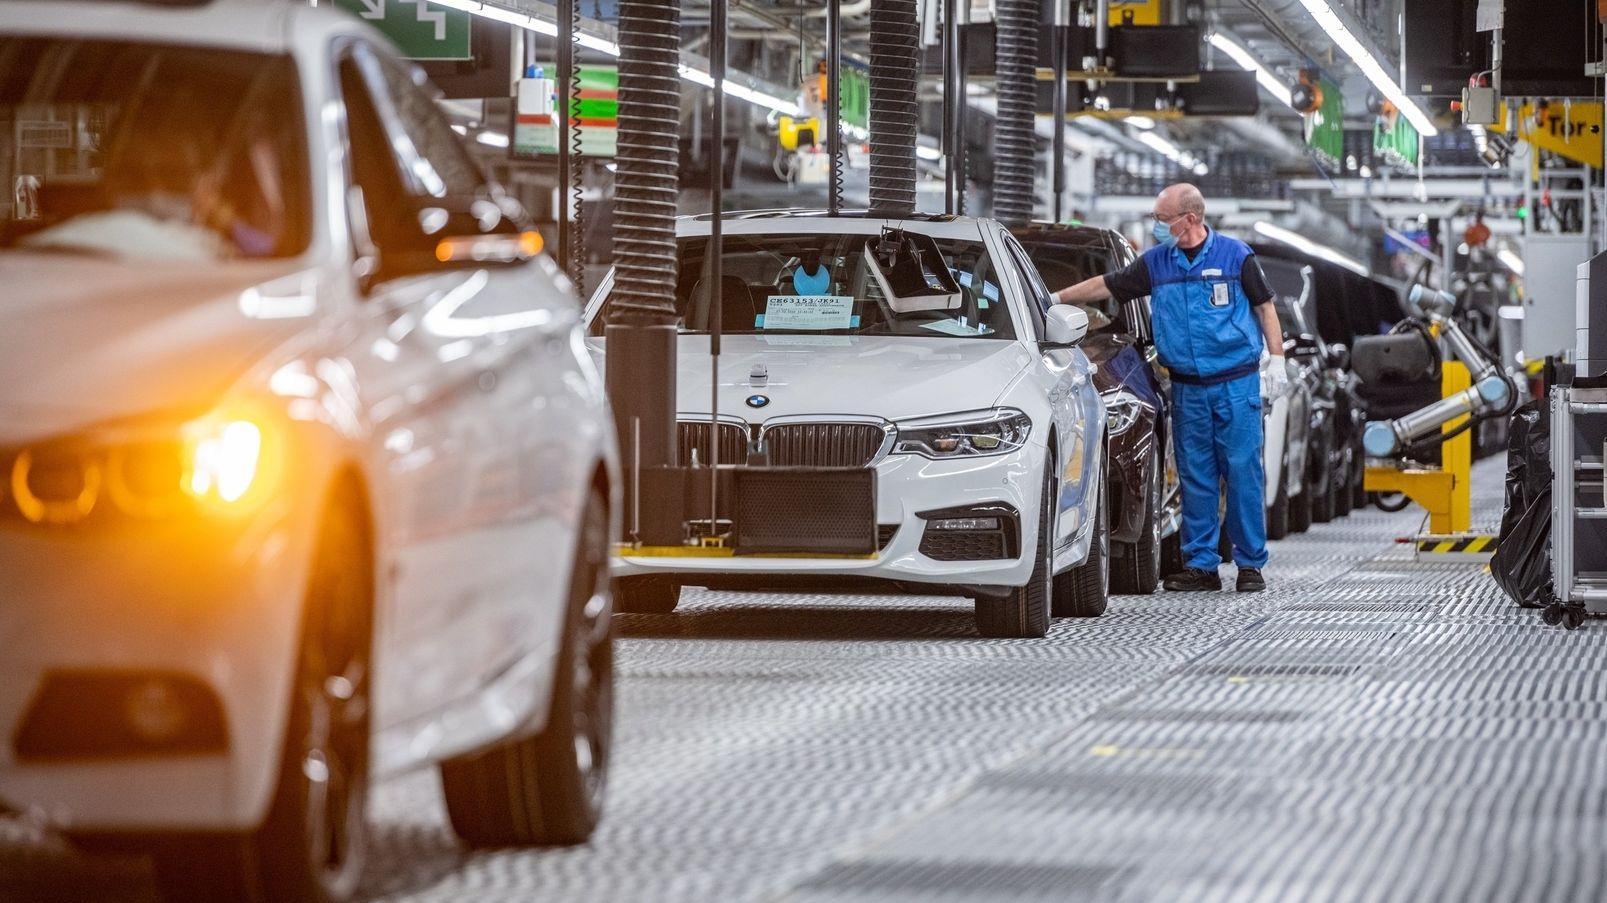 BMW-Mitarbeiter steht am Band